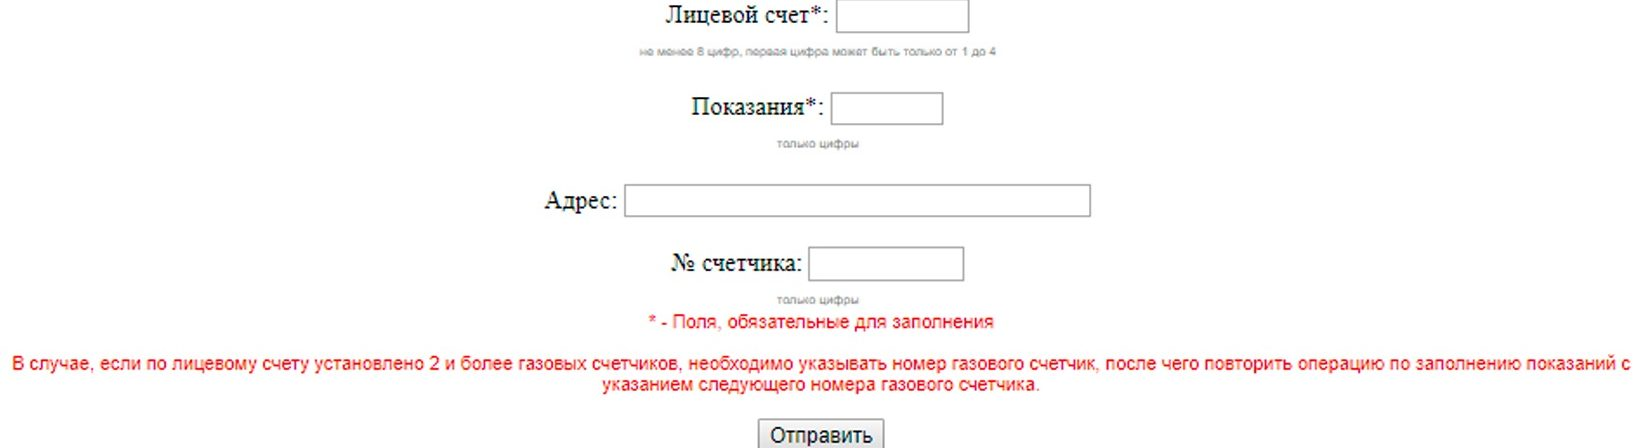 Форма для заполнения показаний счетчика на официальном сайте